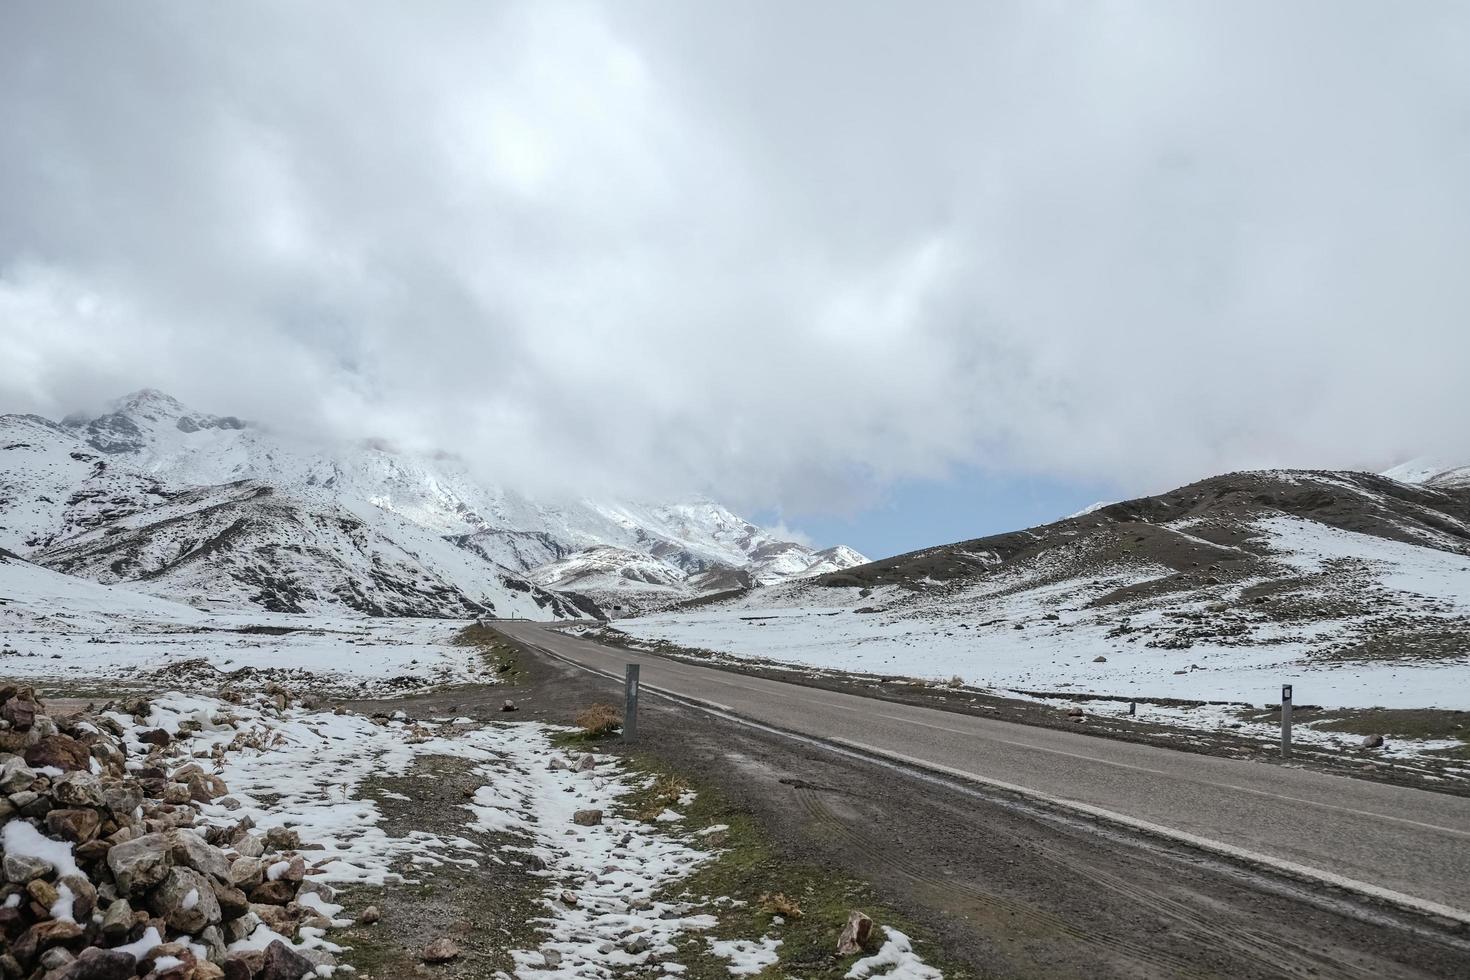 Eine leere asphaltierte Straße, umgeben von schneebedeckten Bergen mit bewölktem Himmel im hohen Atlasbereich. Marokko. foto